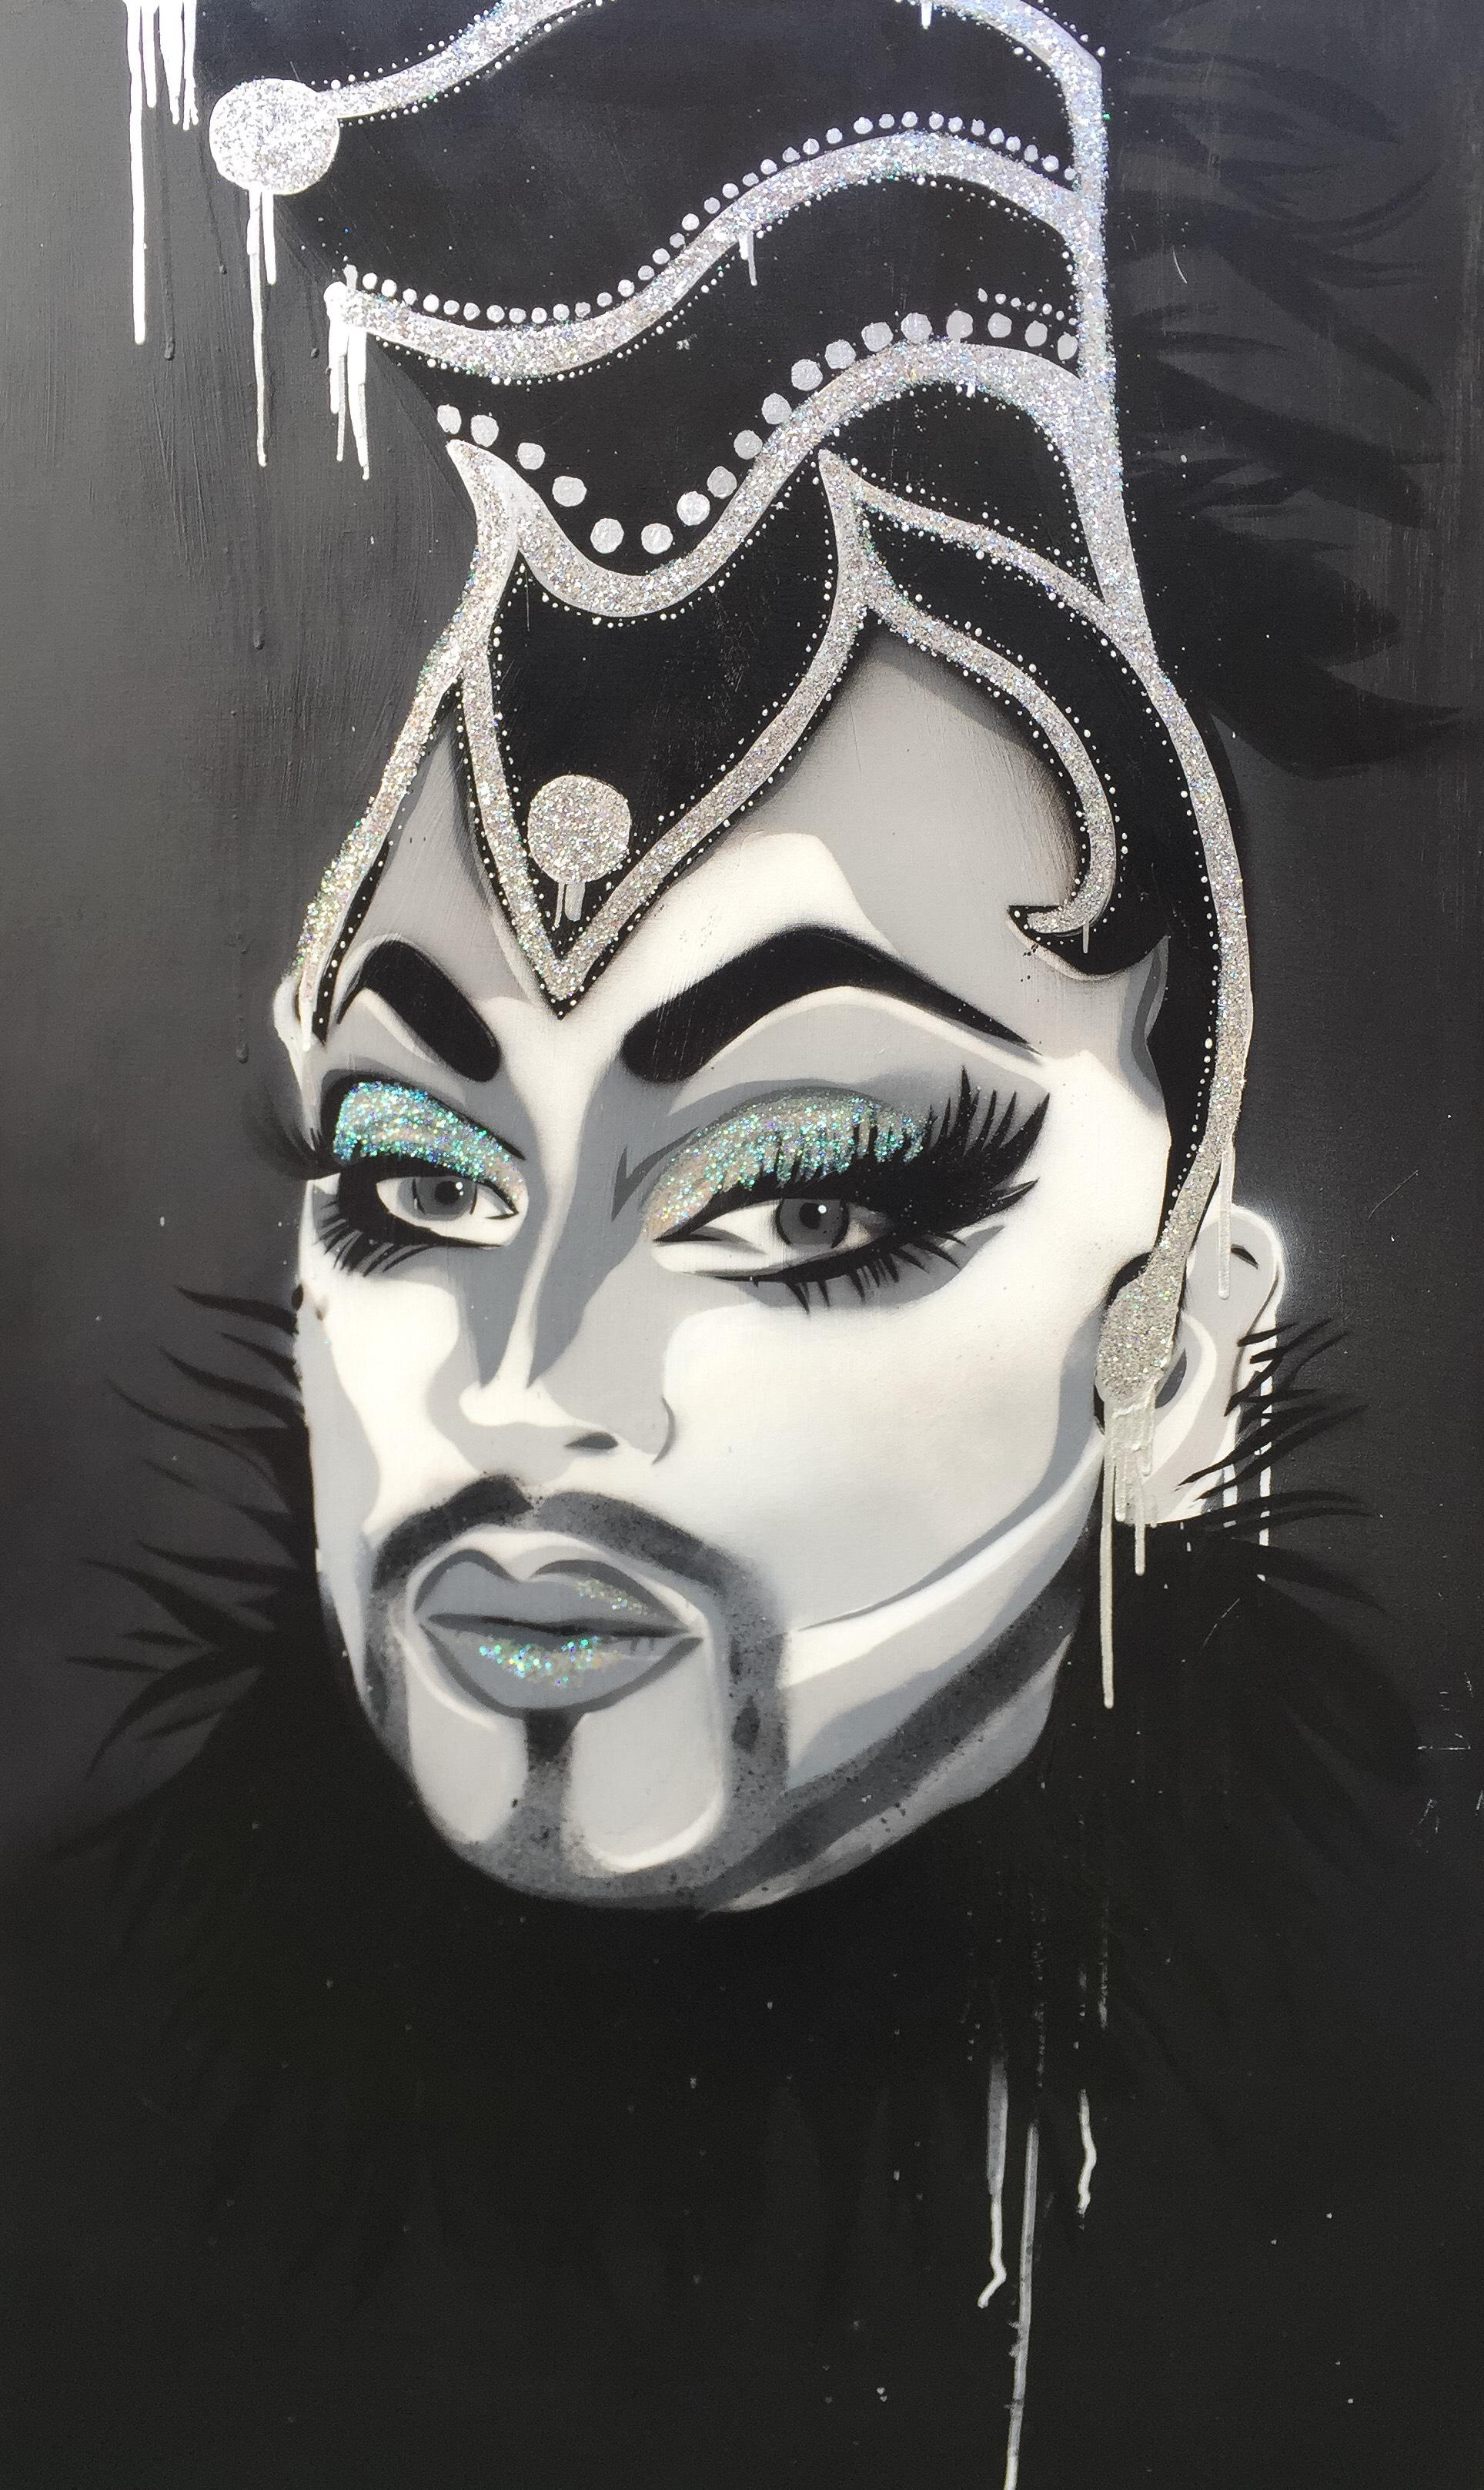 LADY P aerosol, enamel, glue + glitter on canvas